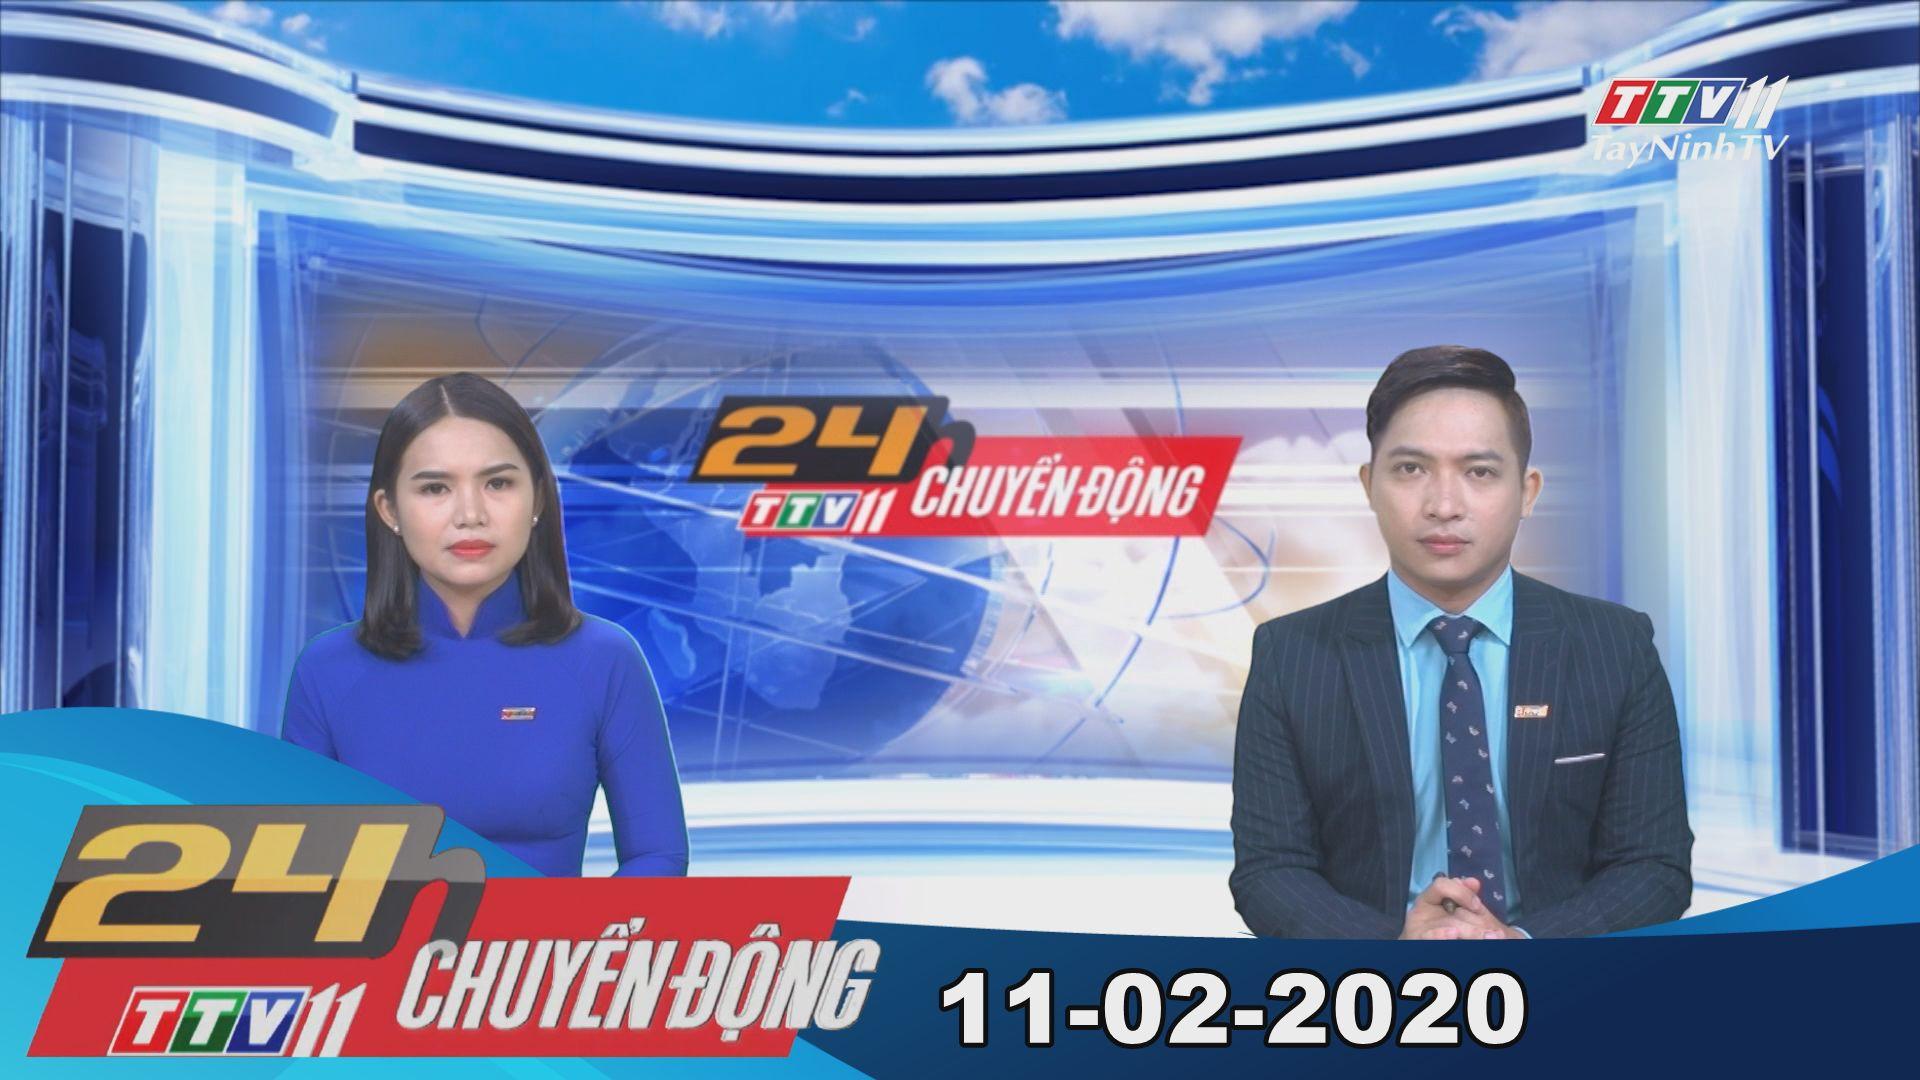 24h Chuyển động 11-02-2020 | Tin tức hôm nay | TayNinhTV